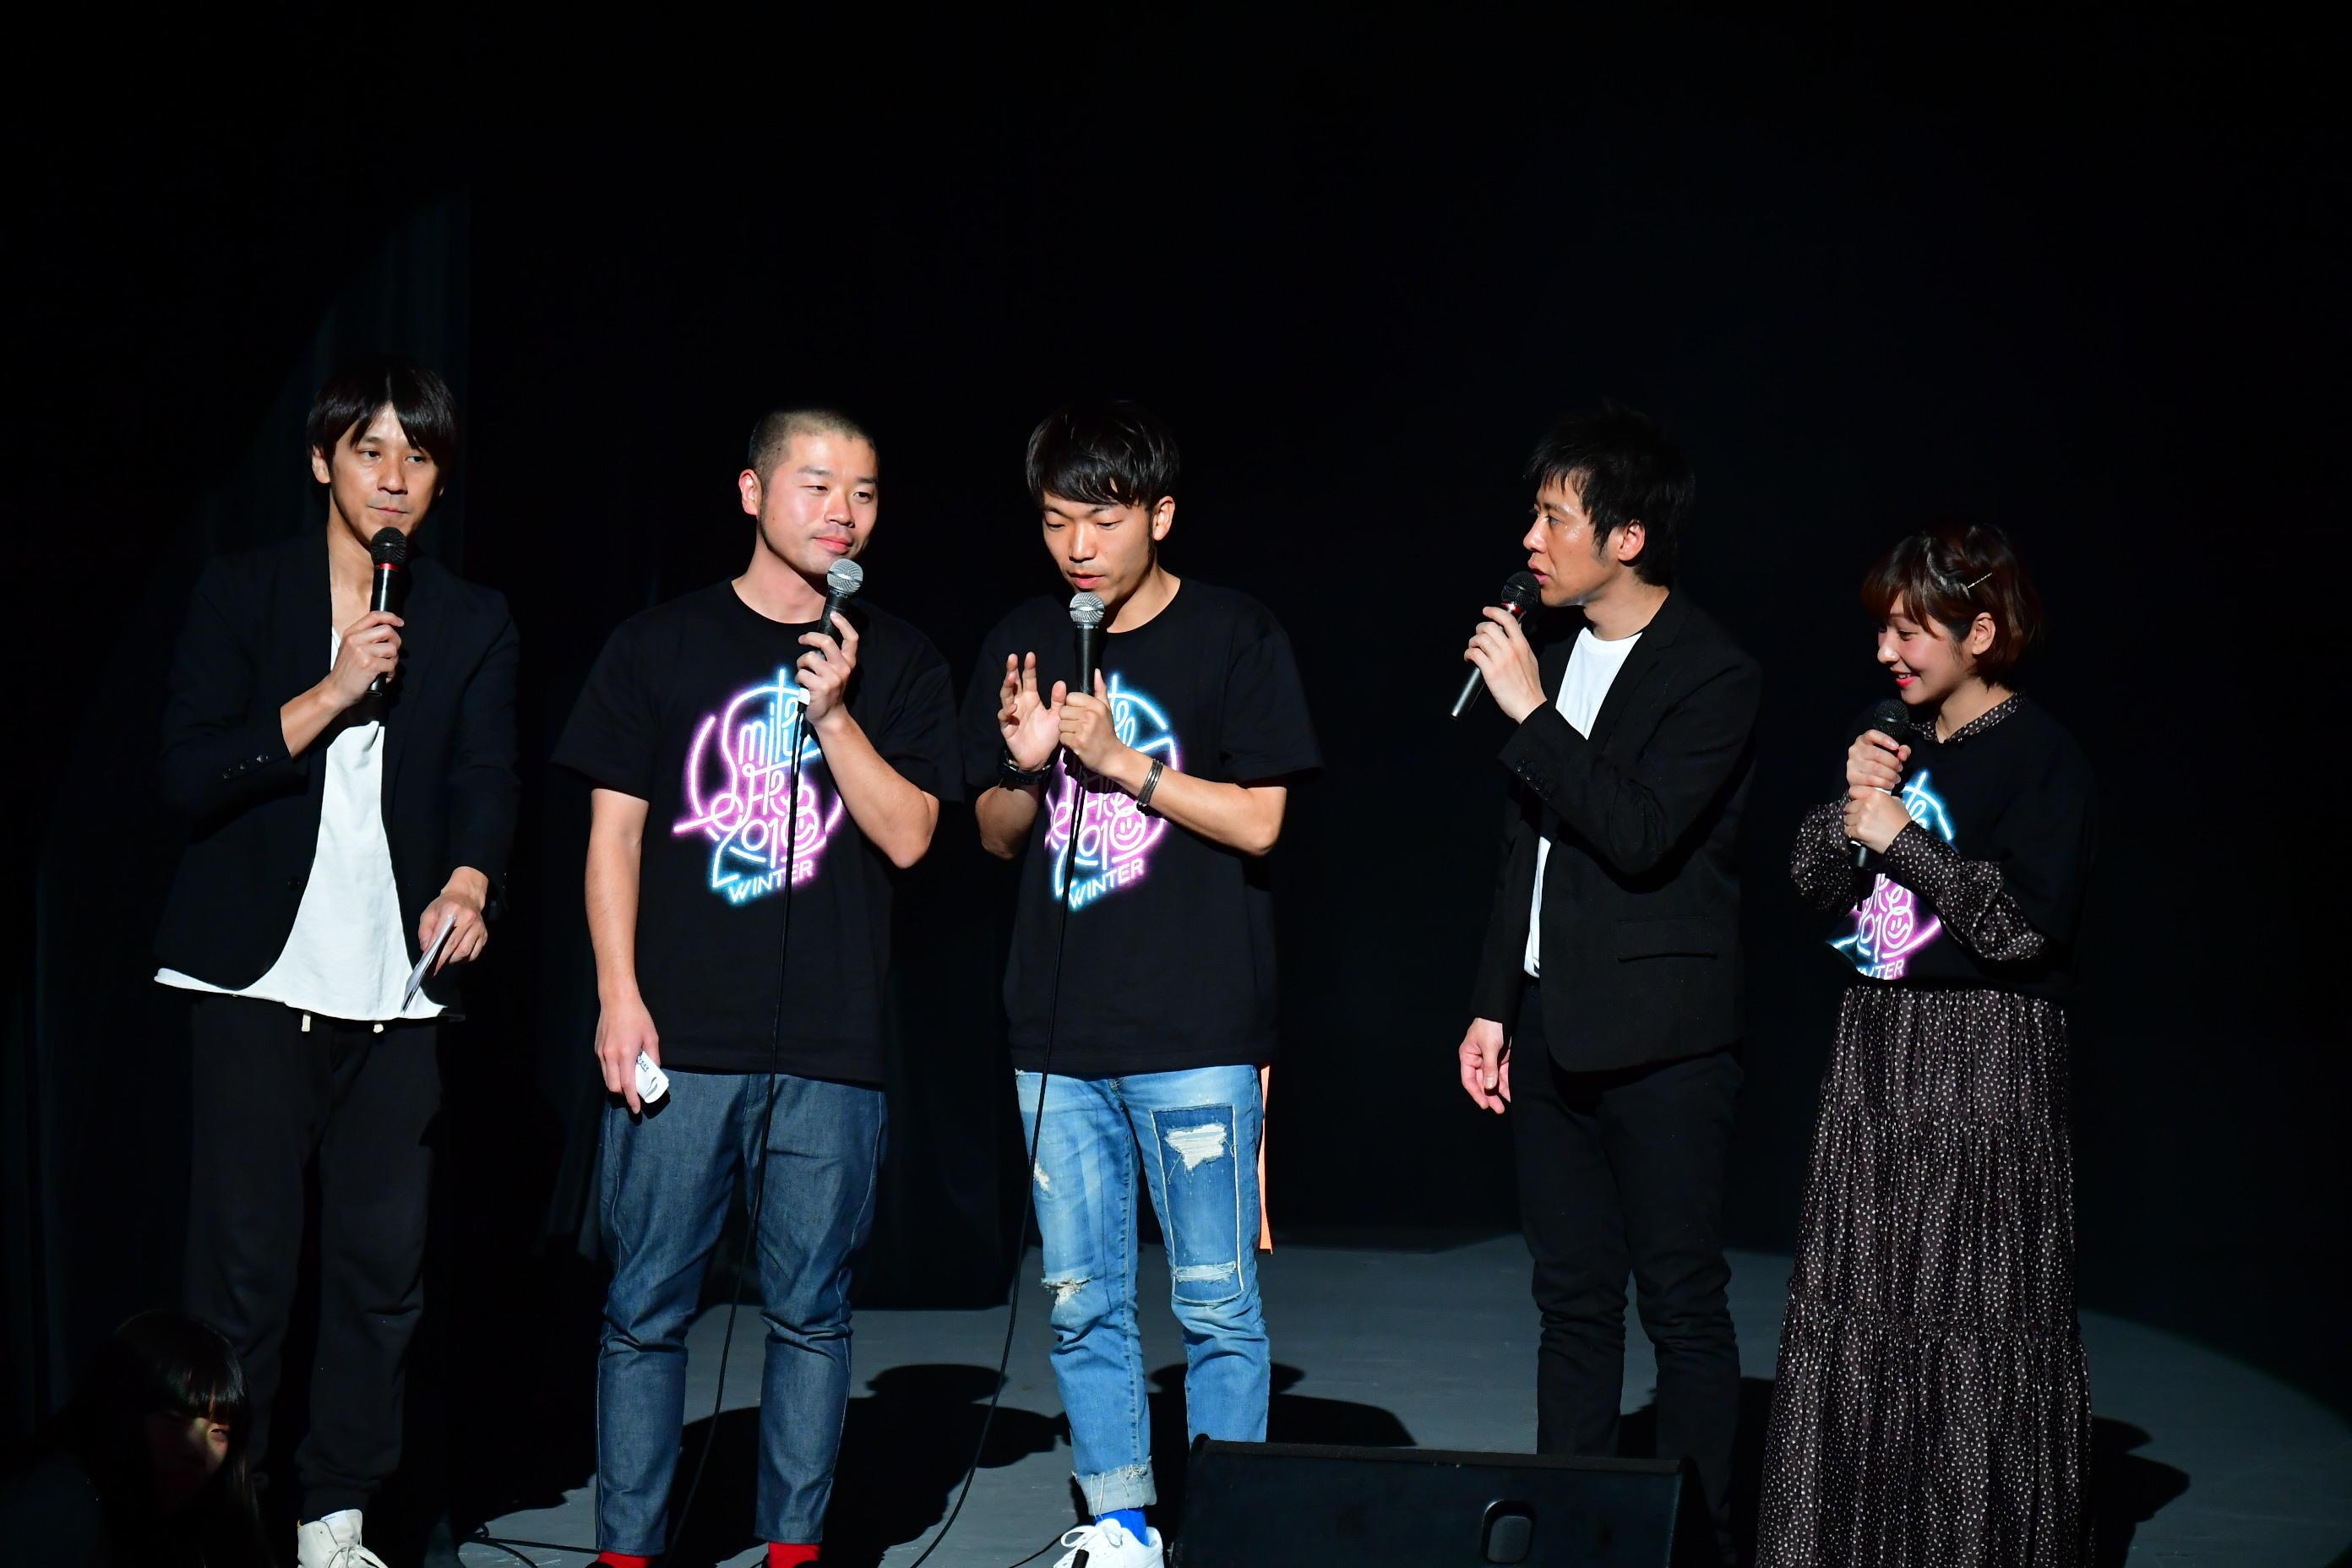 http://news.yoshimoto.co.jp/20180119011828-d71862a8ea2e42099293a837c1b2ae10b9a7b525.jpg